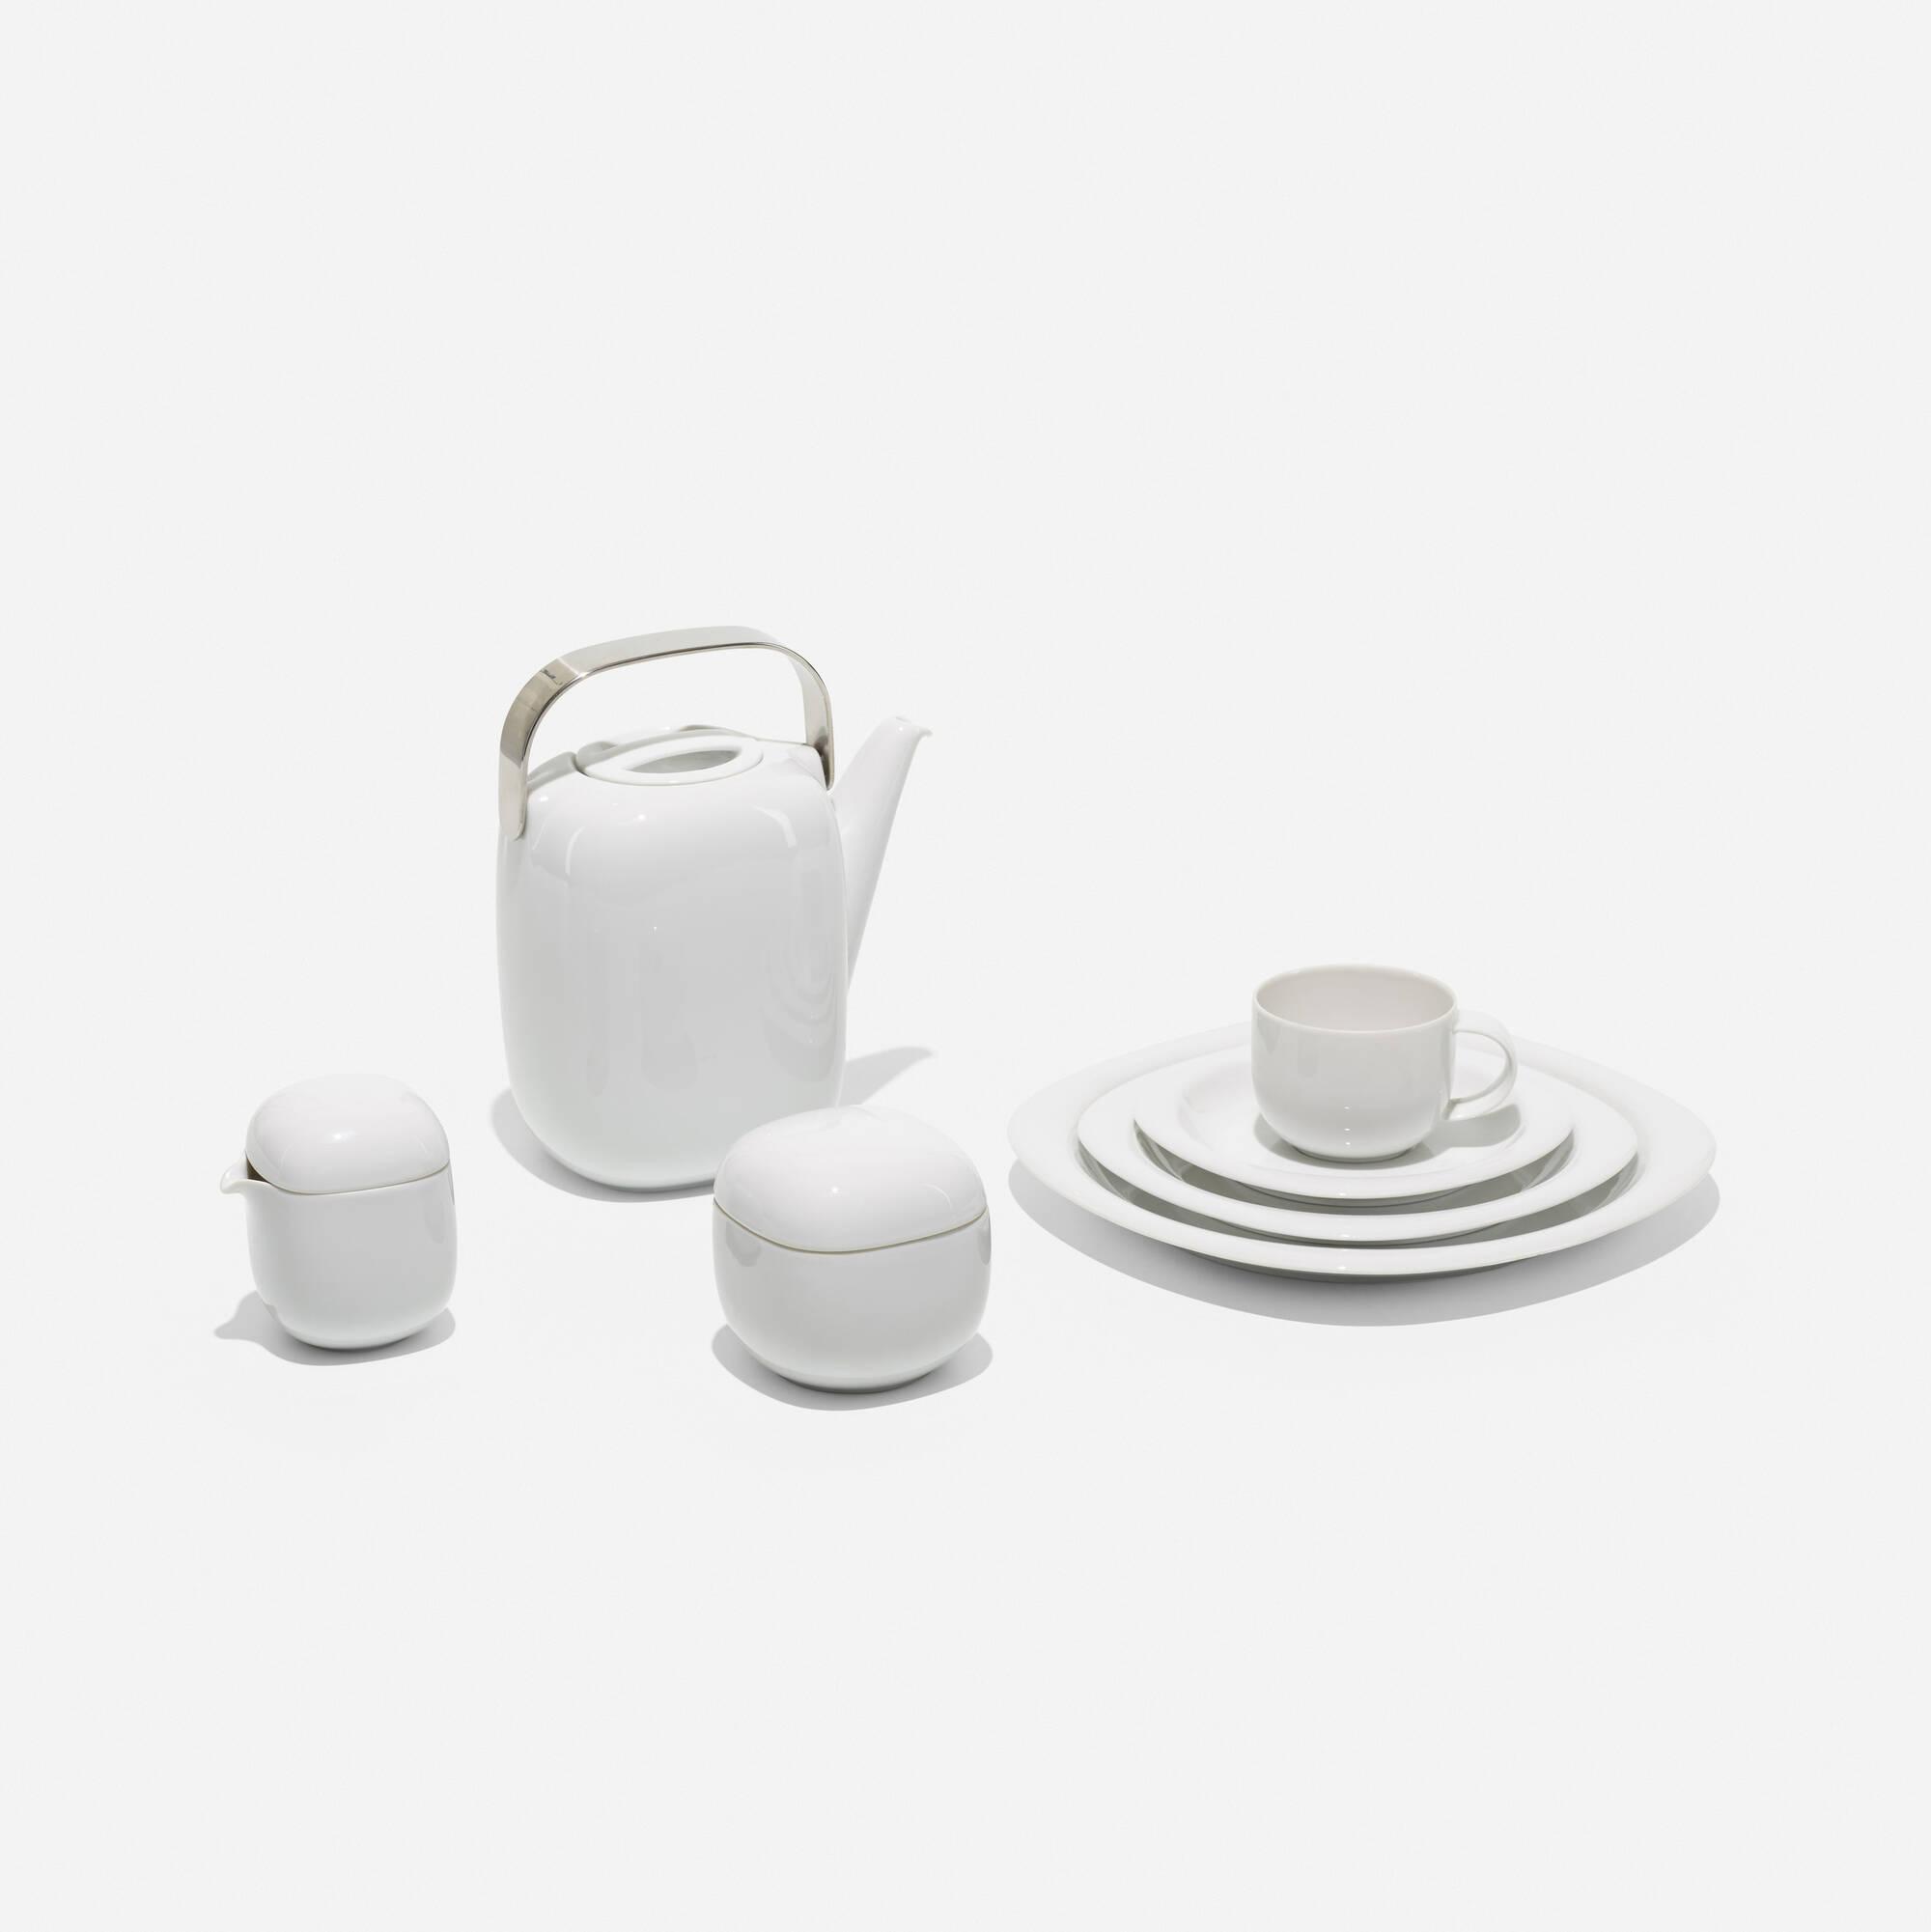 149: Timo Sarpaneva / Suomi coffee service (1 of 2)